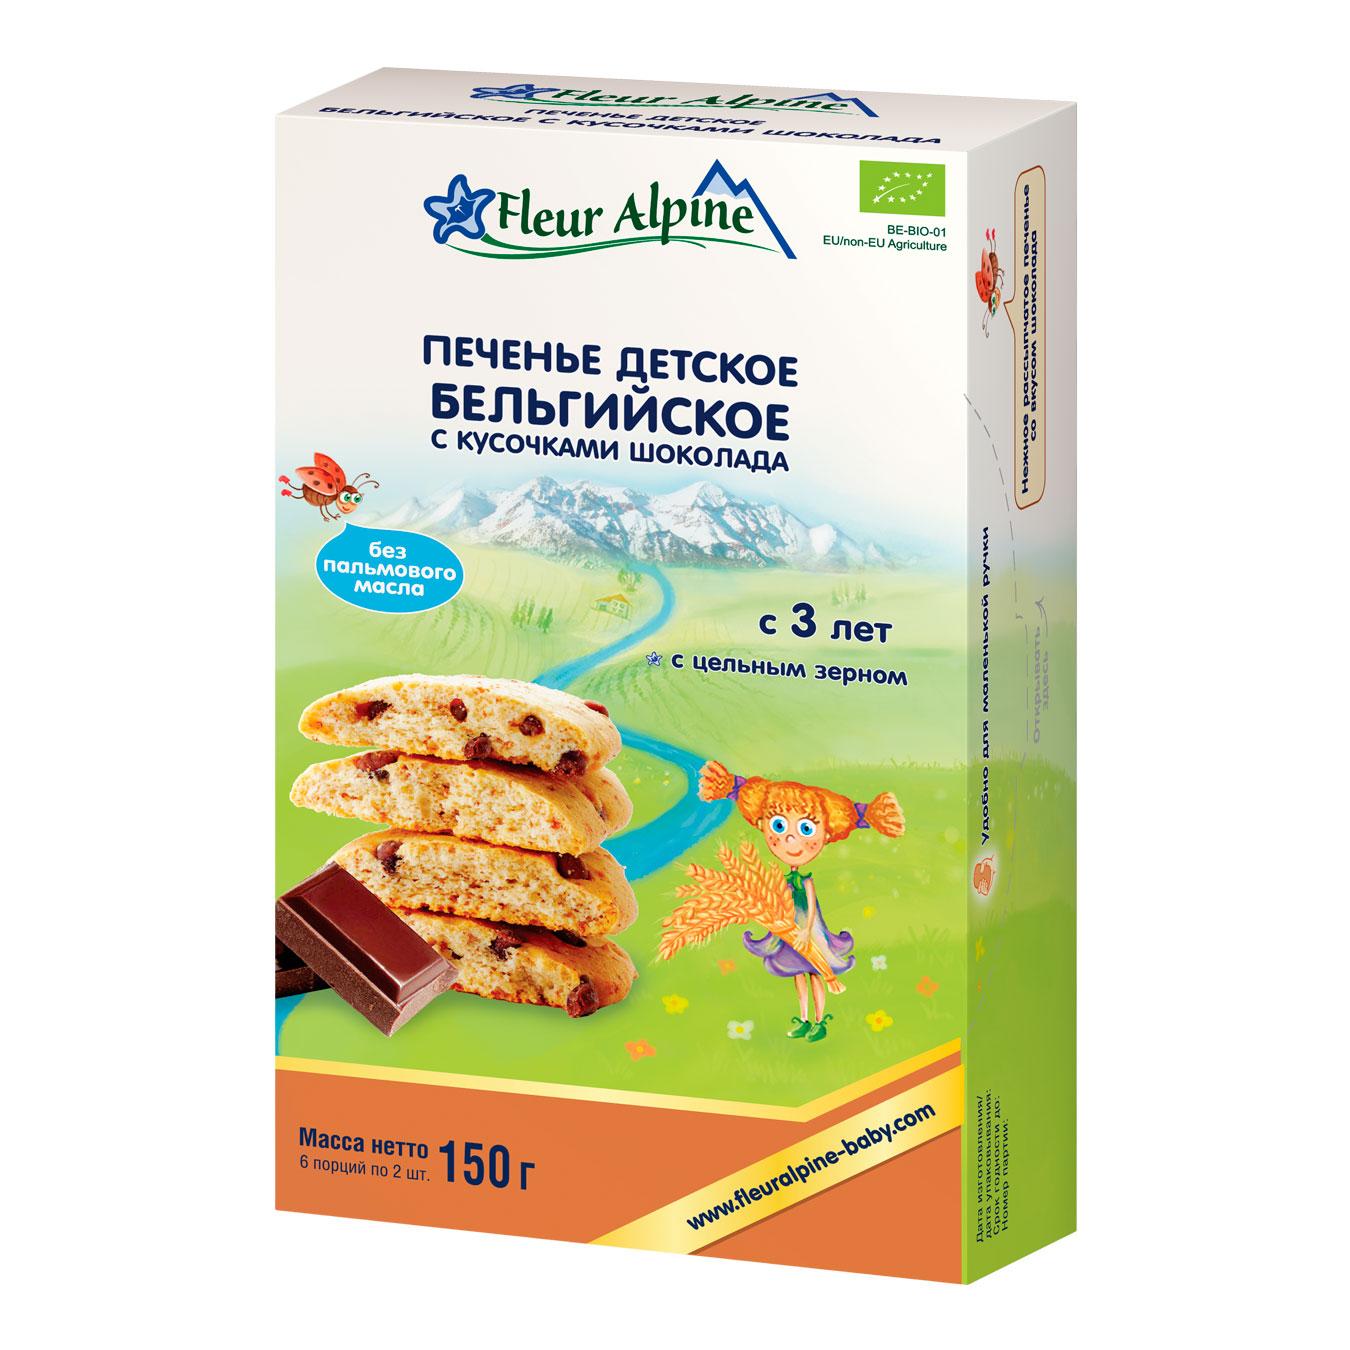 Печенье Fleur Alpine с 3 лет 150 гр Бельгийское с кусочками шоколада<br>